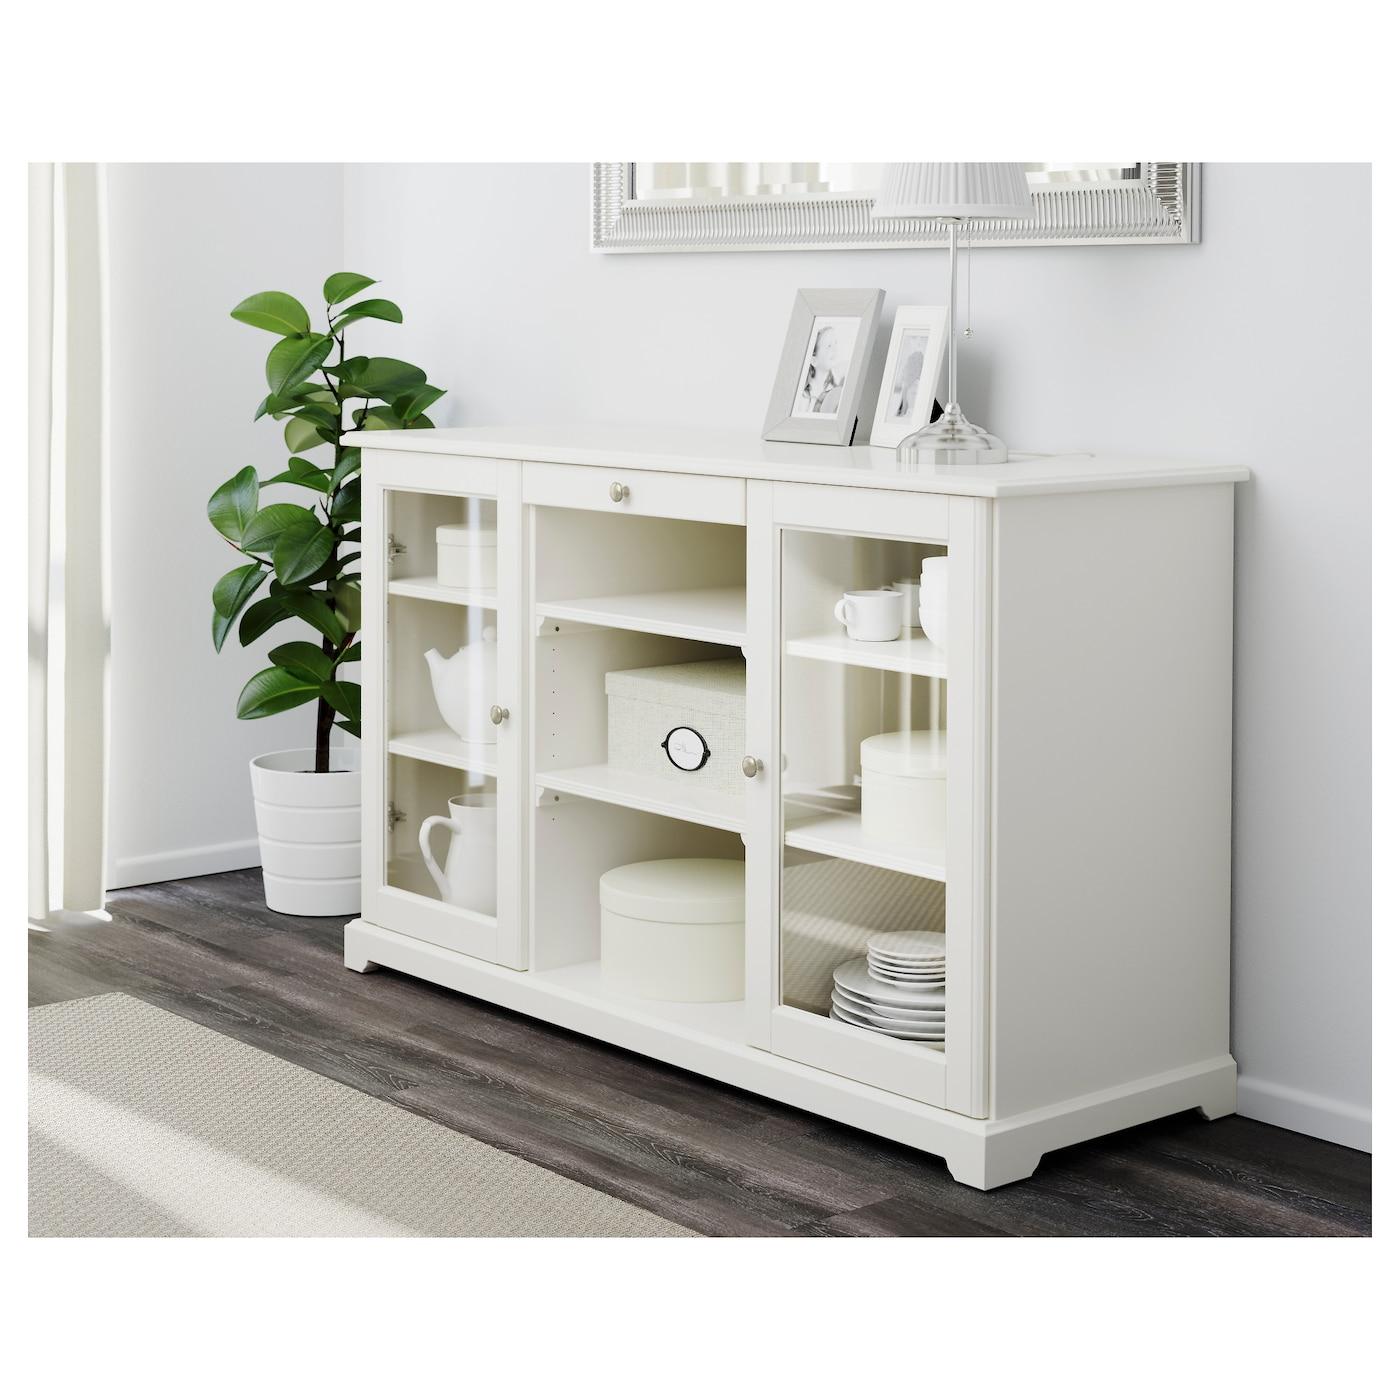 Full Size of Anrichte Ikea Liatorp Sideboard Wei Sterreich Betten Bei 160x200 Küche Kosten Kaufen Miniküche Sofa Mit Schlaffunktion Modulküche Wohnzimmer Anrichte Ikea